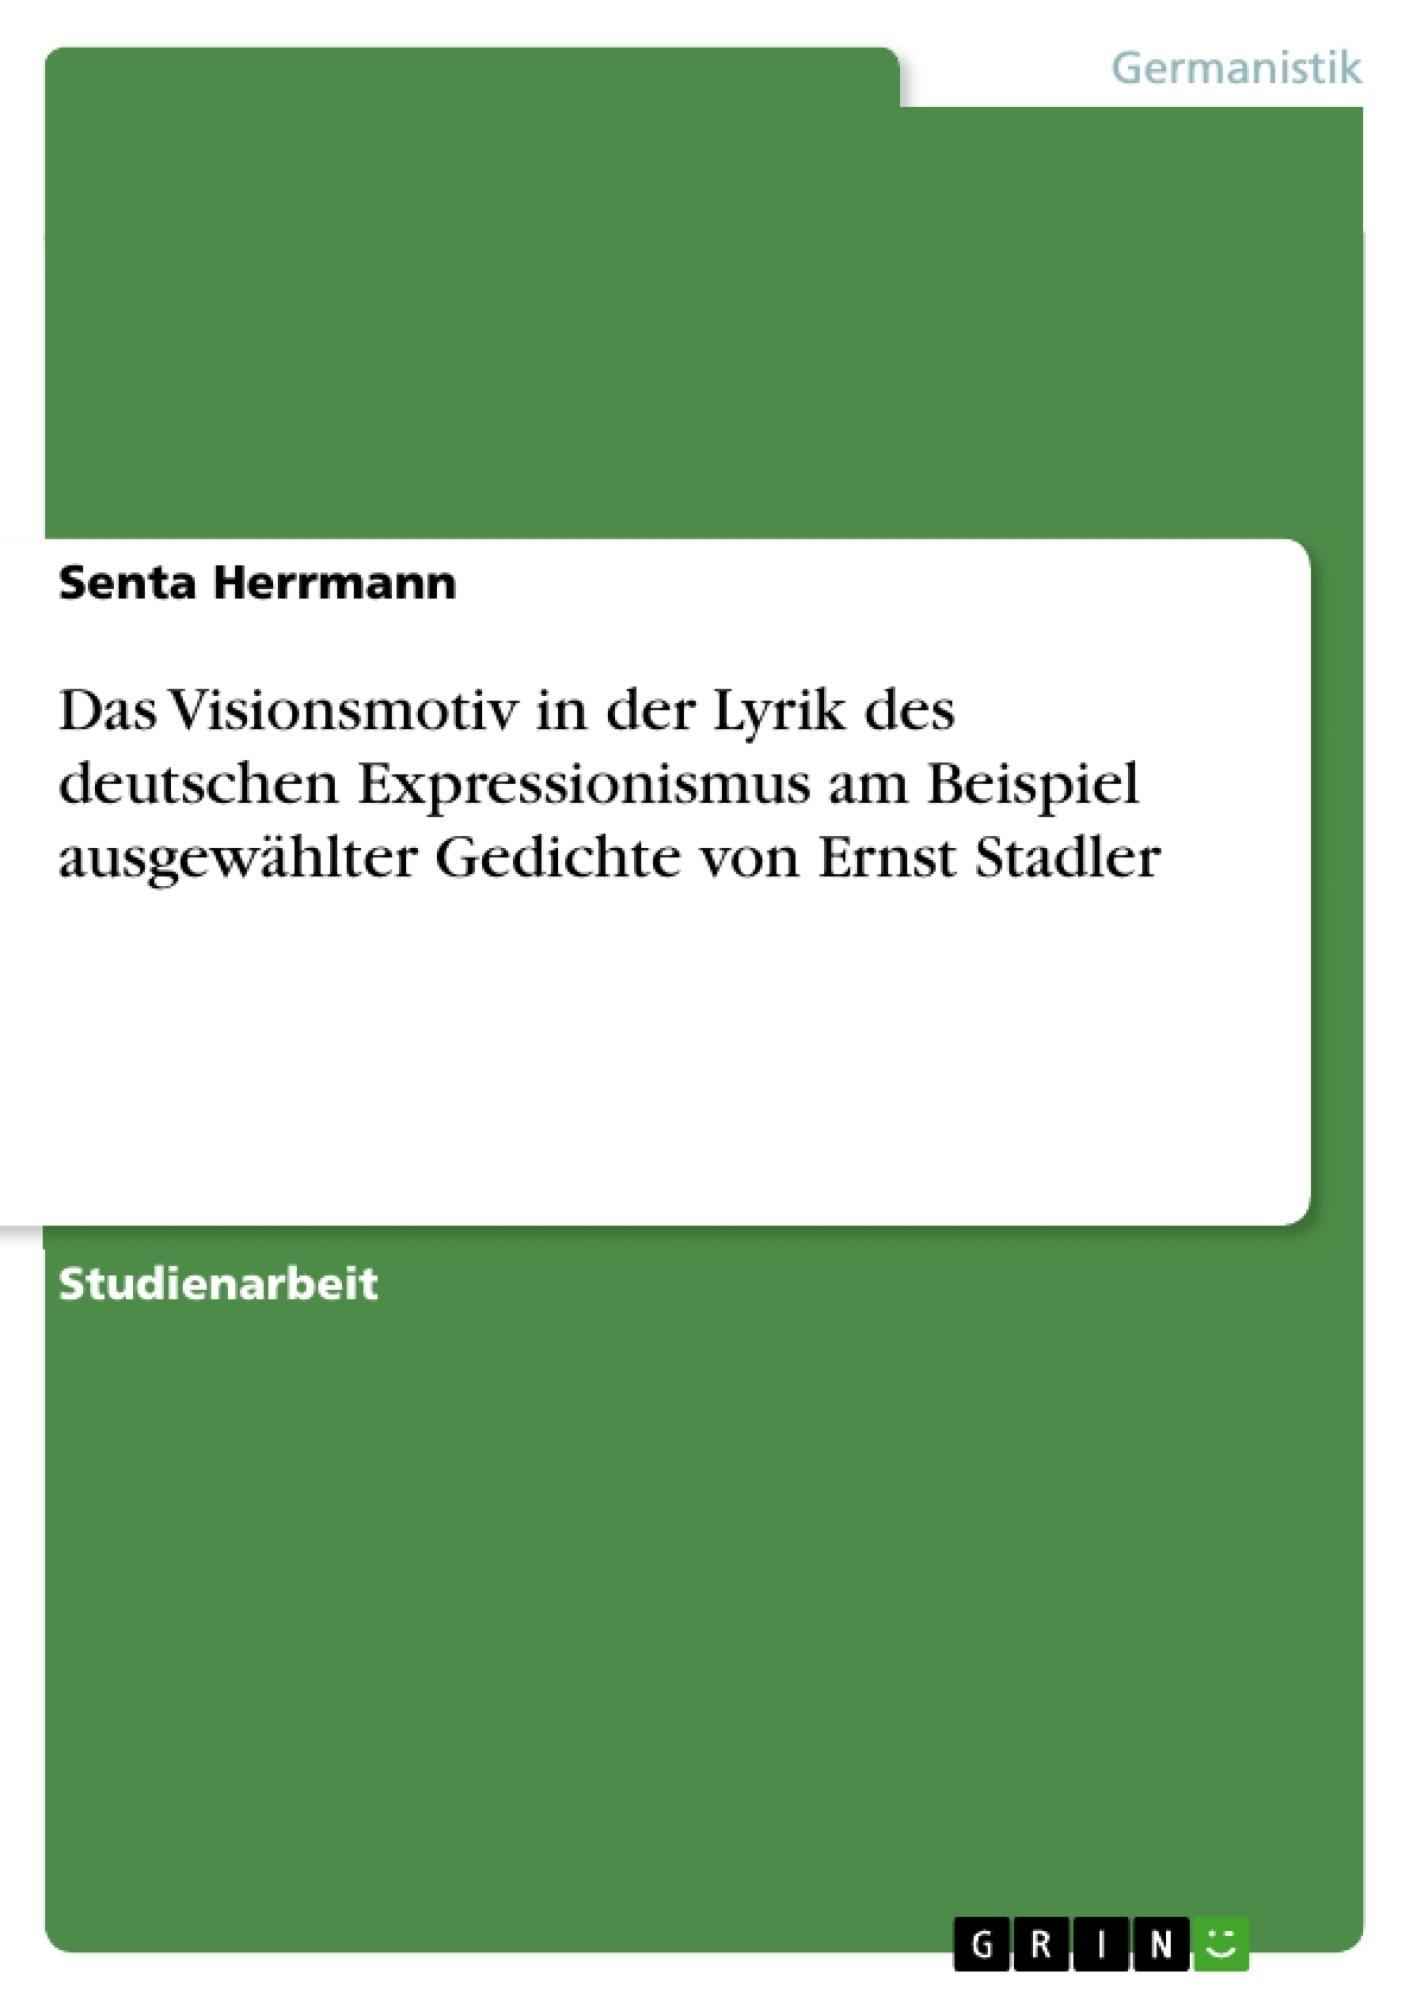 Titel: Das Visionsmotiv in der Lyrik des deutschen Expressionismus am Beispiel ausgewählter Gedichte von Ernst Stadler